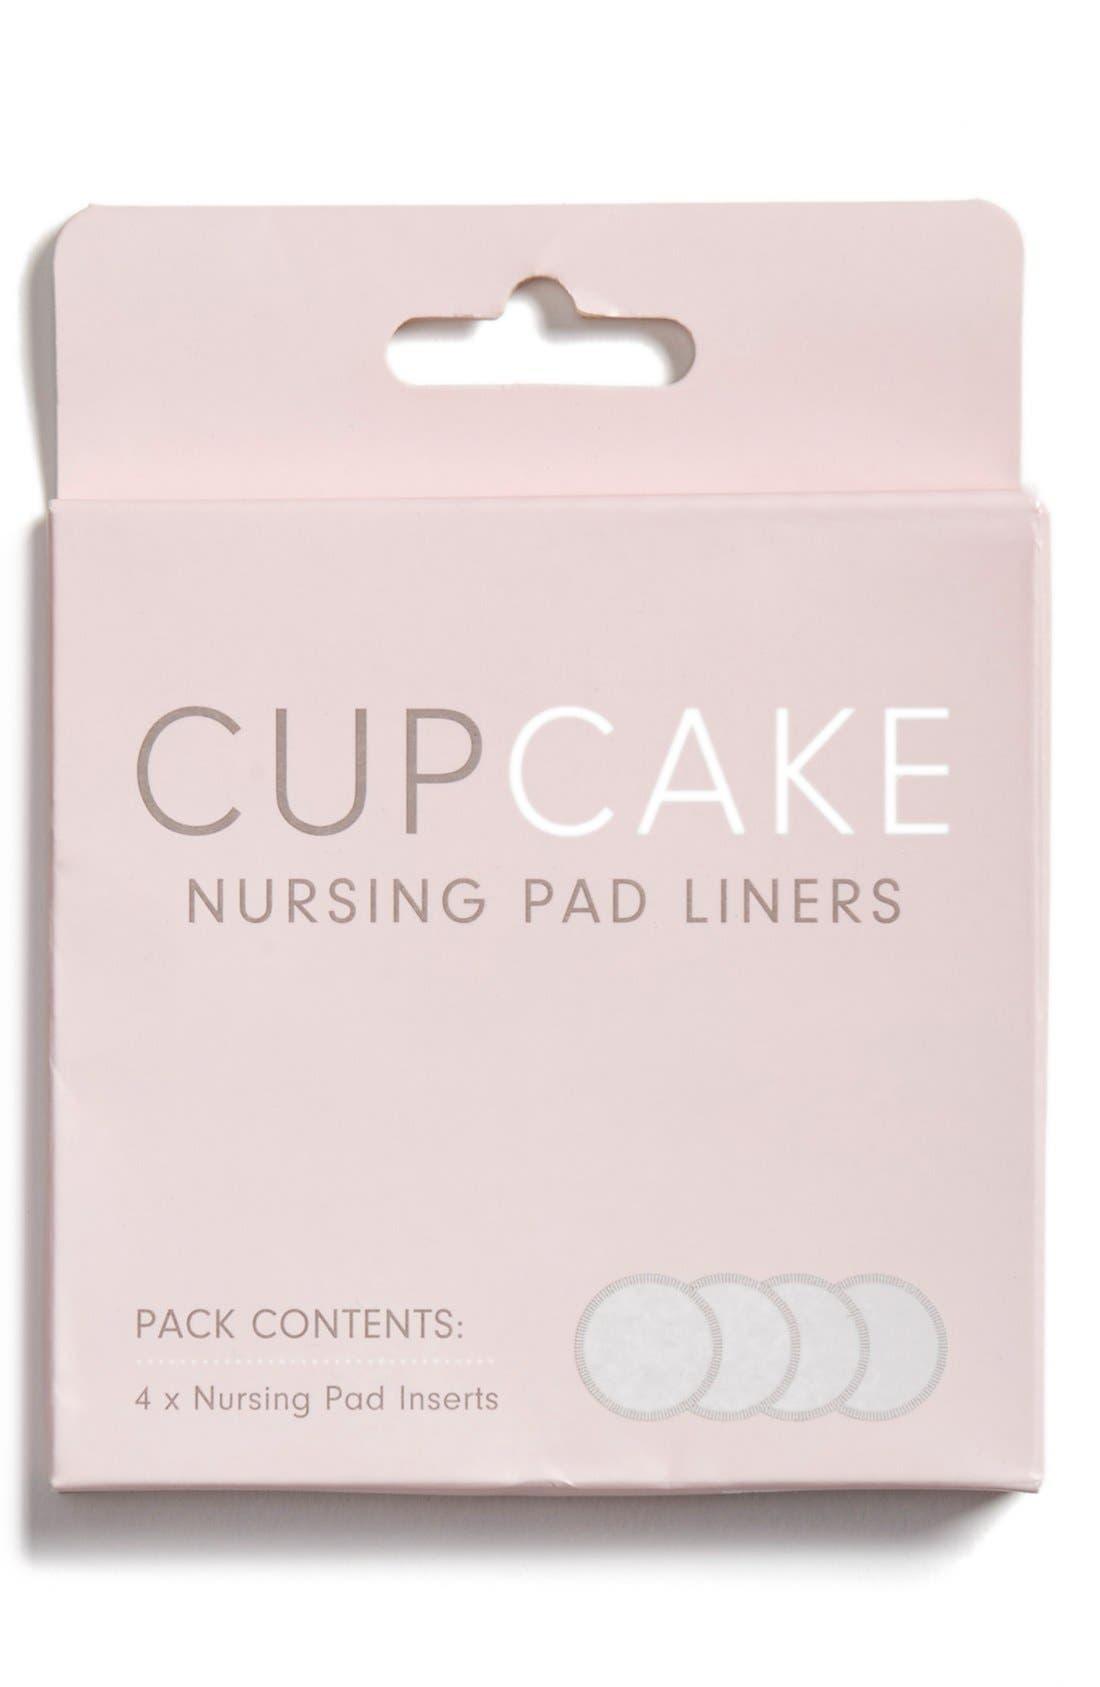 Alternate Image 1 Selected - Cake 'Cupcake' Organic Hemp & Cotton Nursing Pad Liner Inserts (4-Pack)